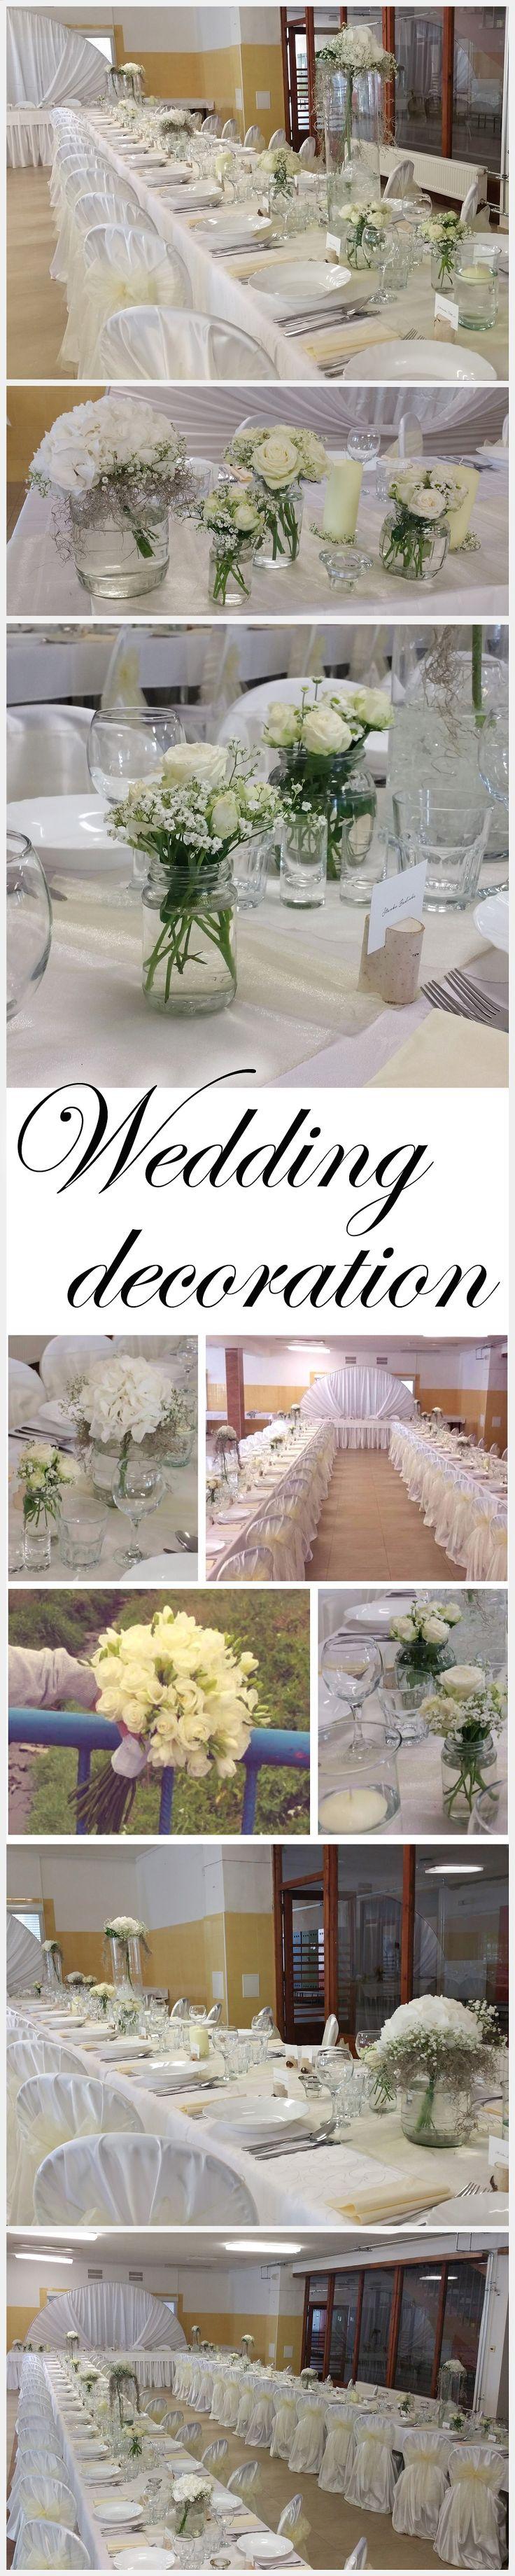 jemná krémovo biela svadobná výzdoba. Kombinácia ruží a hortenzie doplnená gypsomilkou. #wedding #decration #weddingdecoration #weddingday #wewddingflower #slovakia